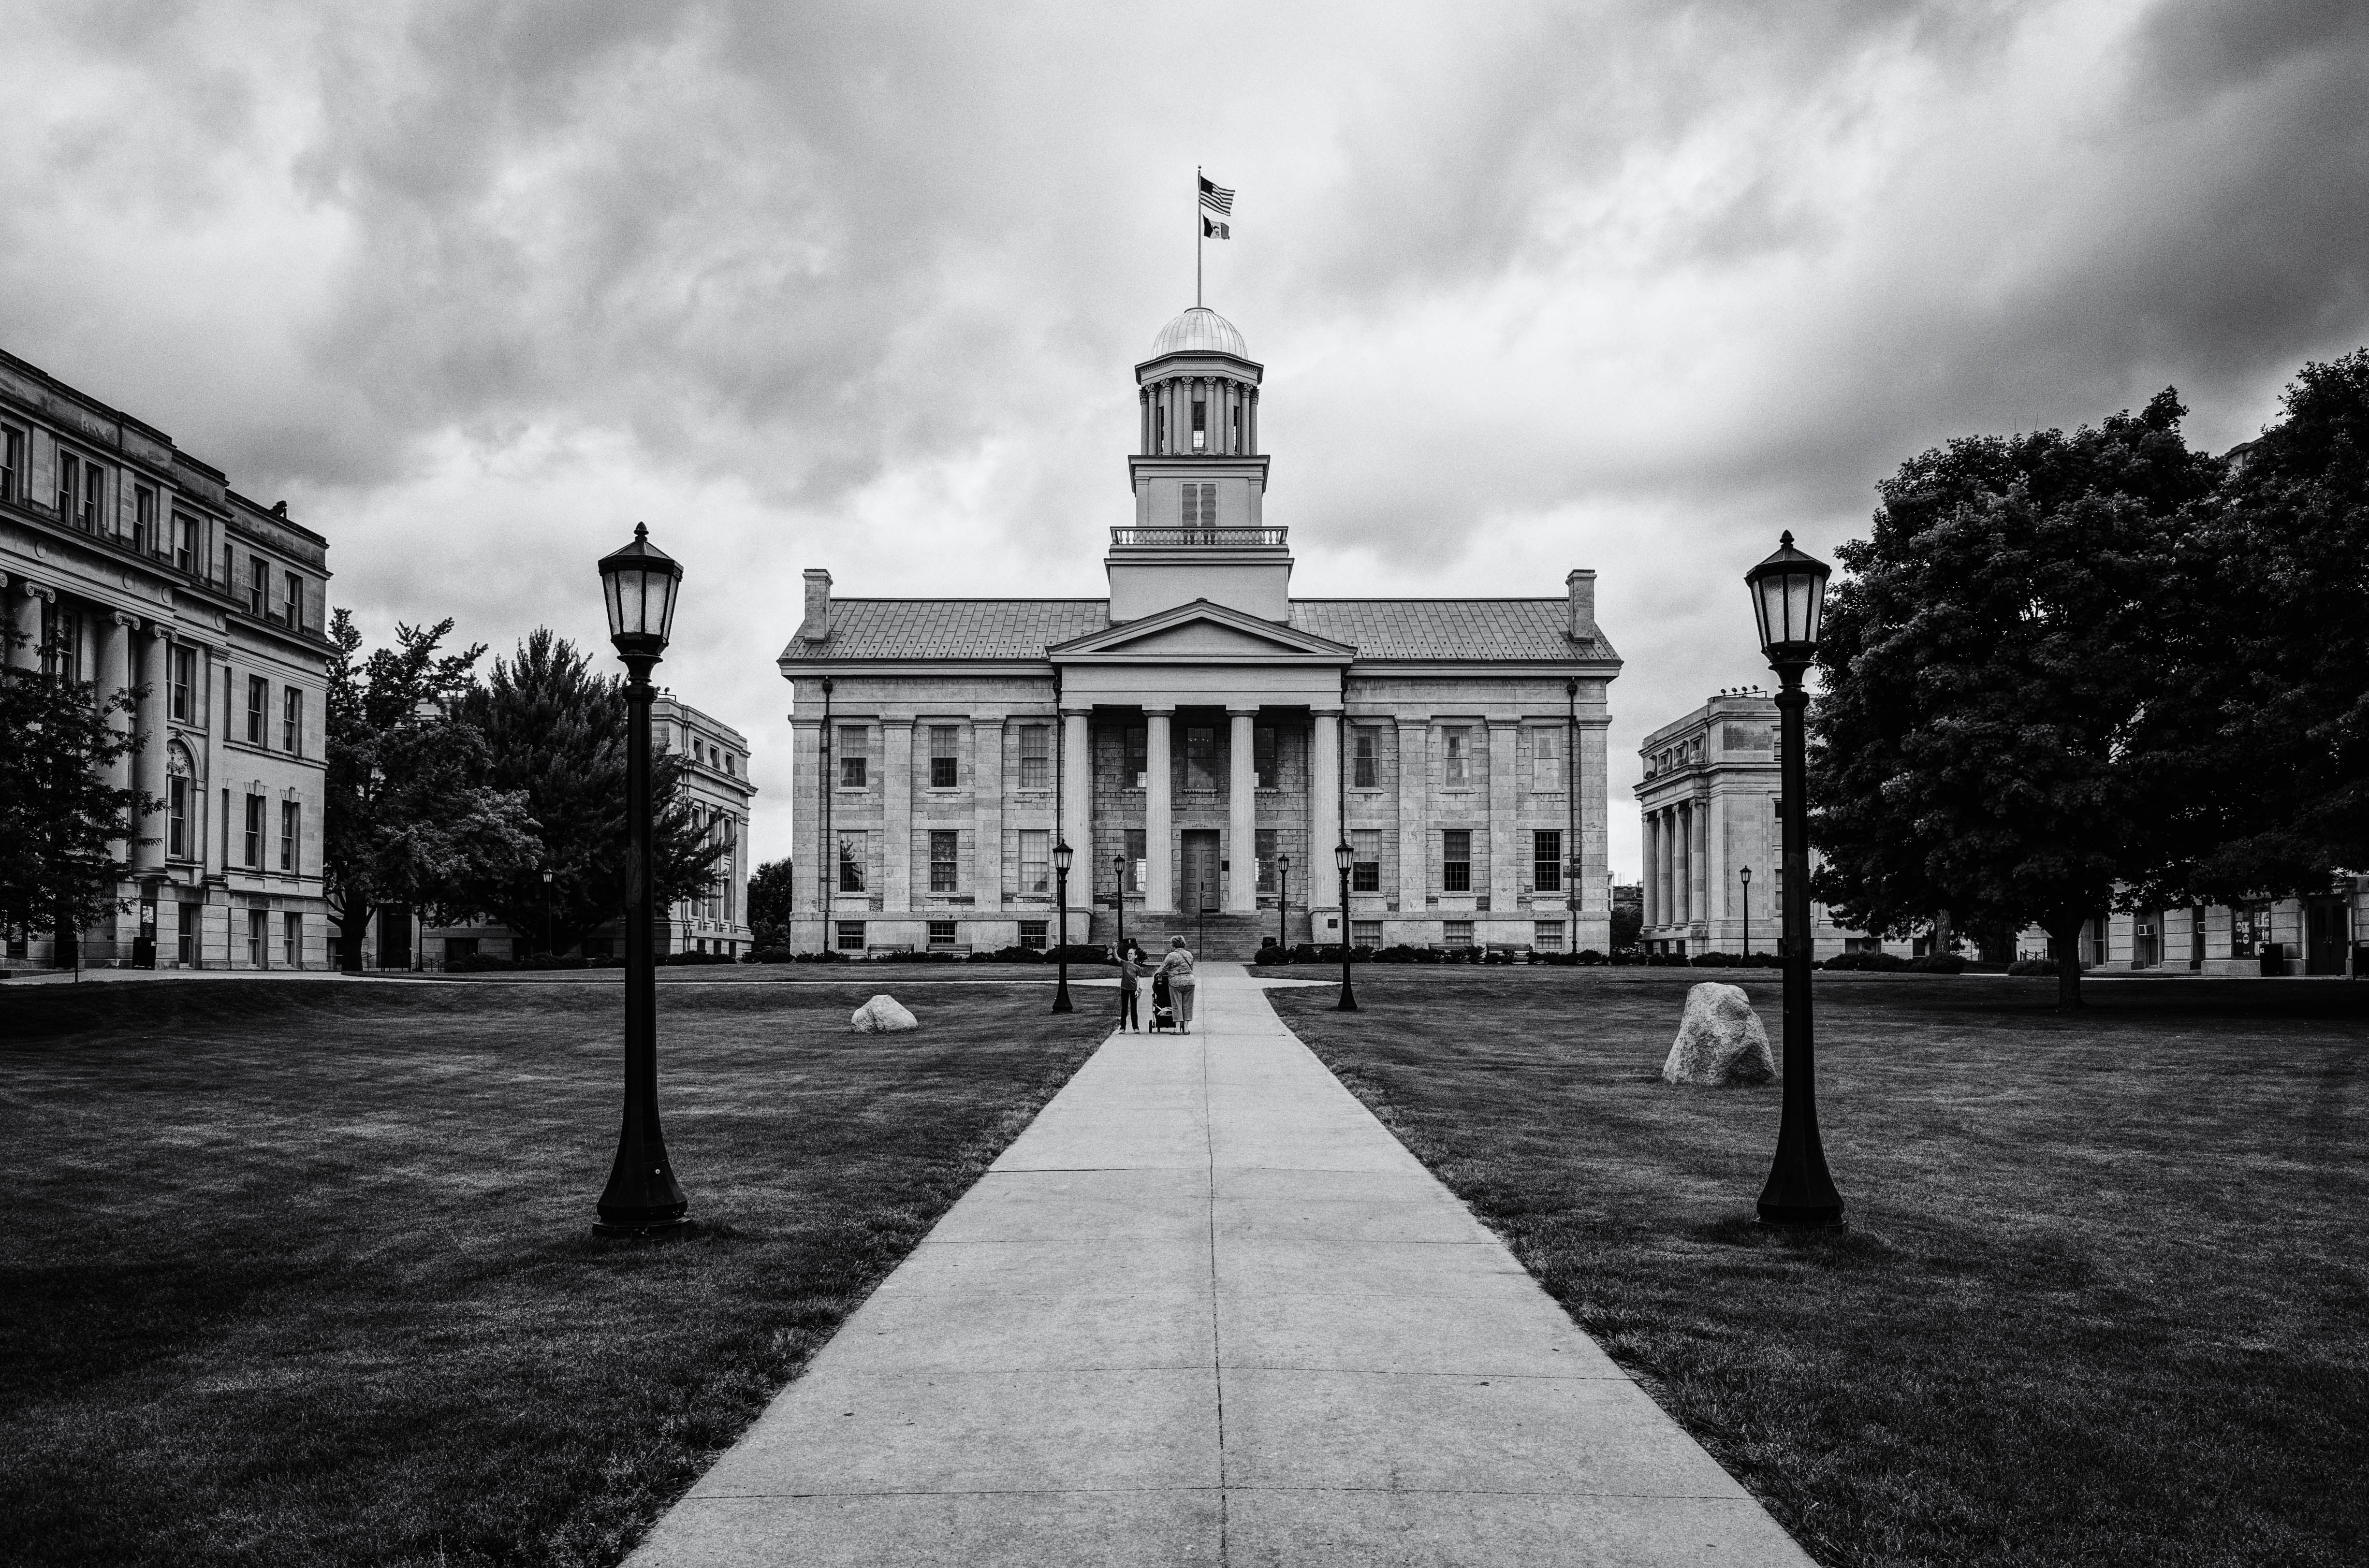 Iowa Territorial Capitol Building - BW